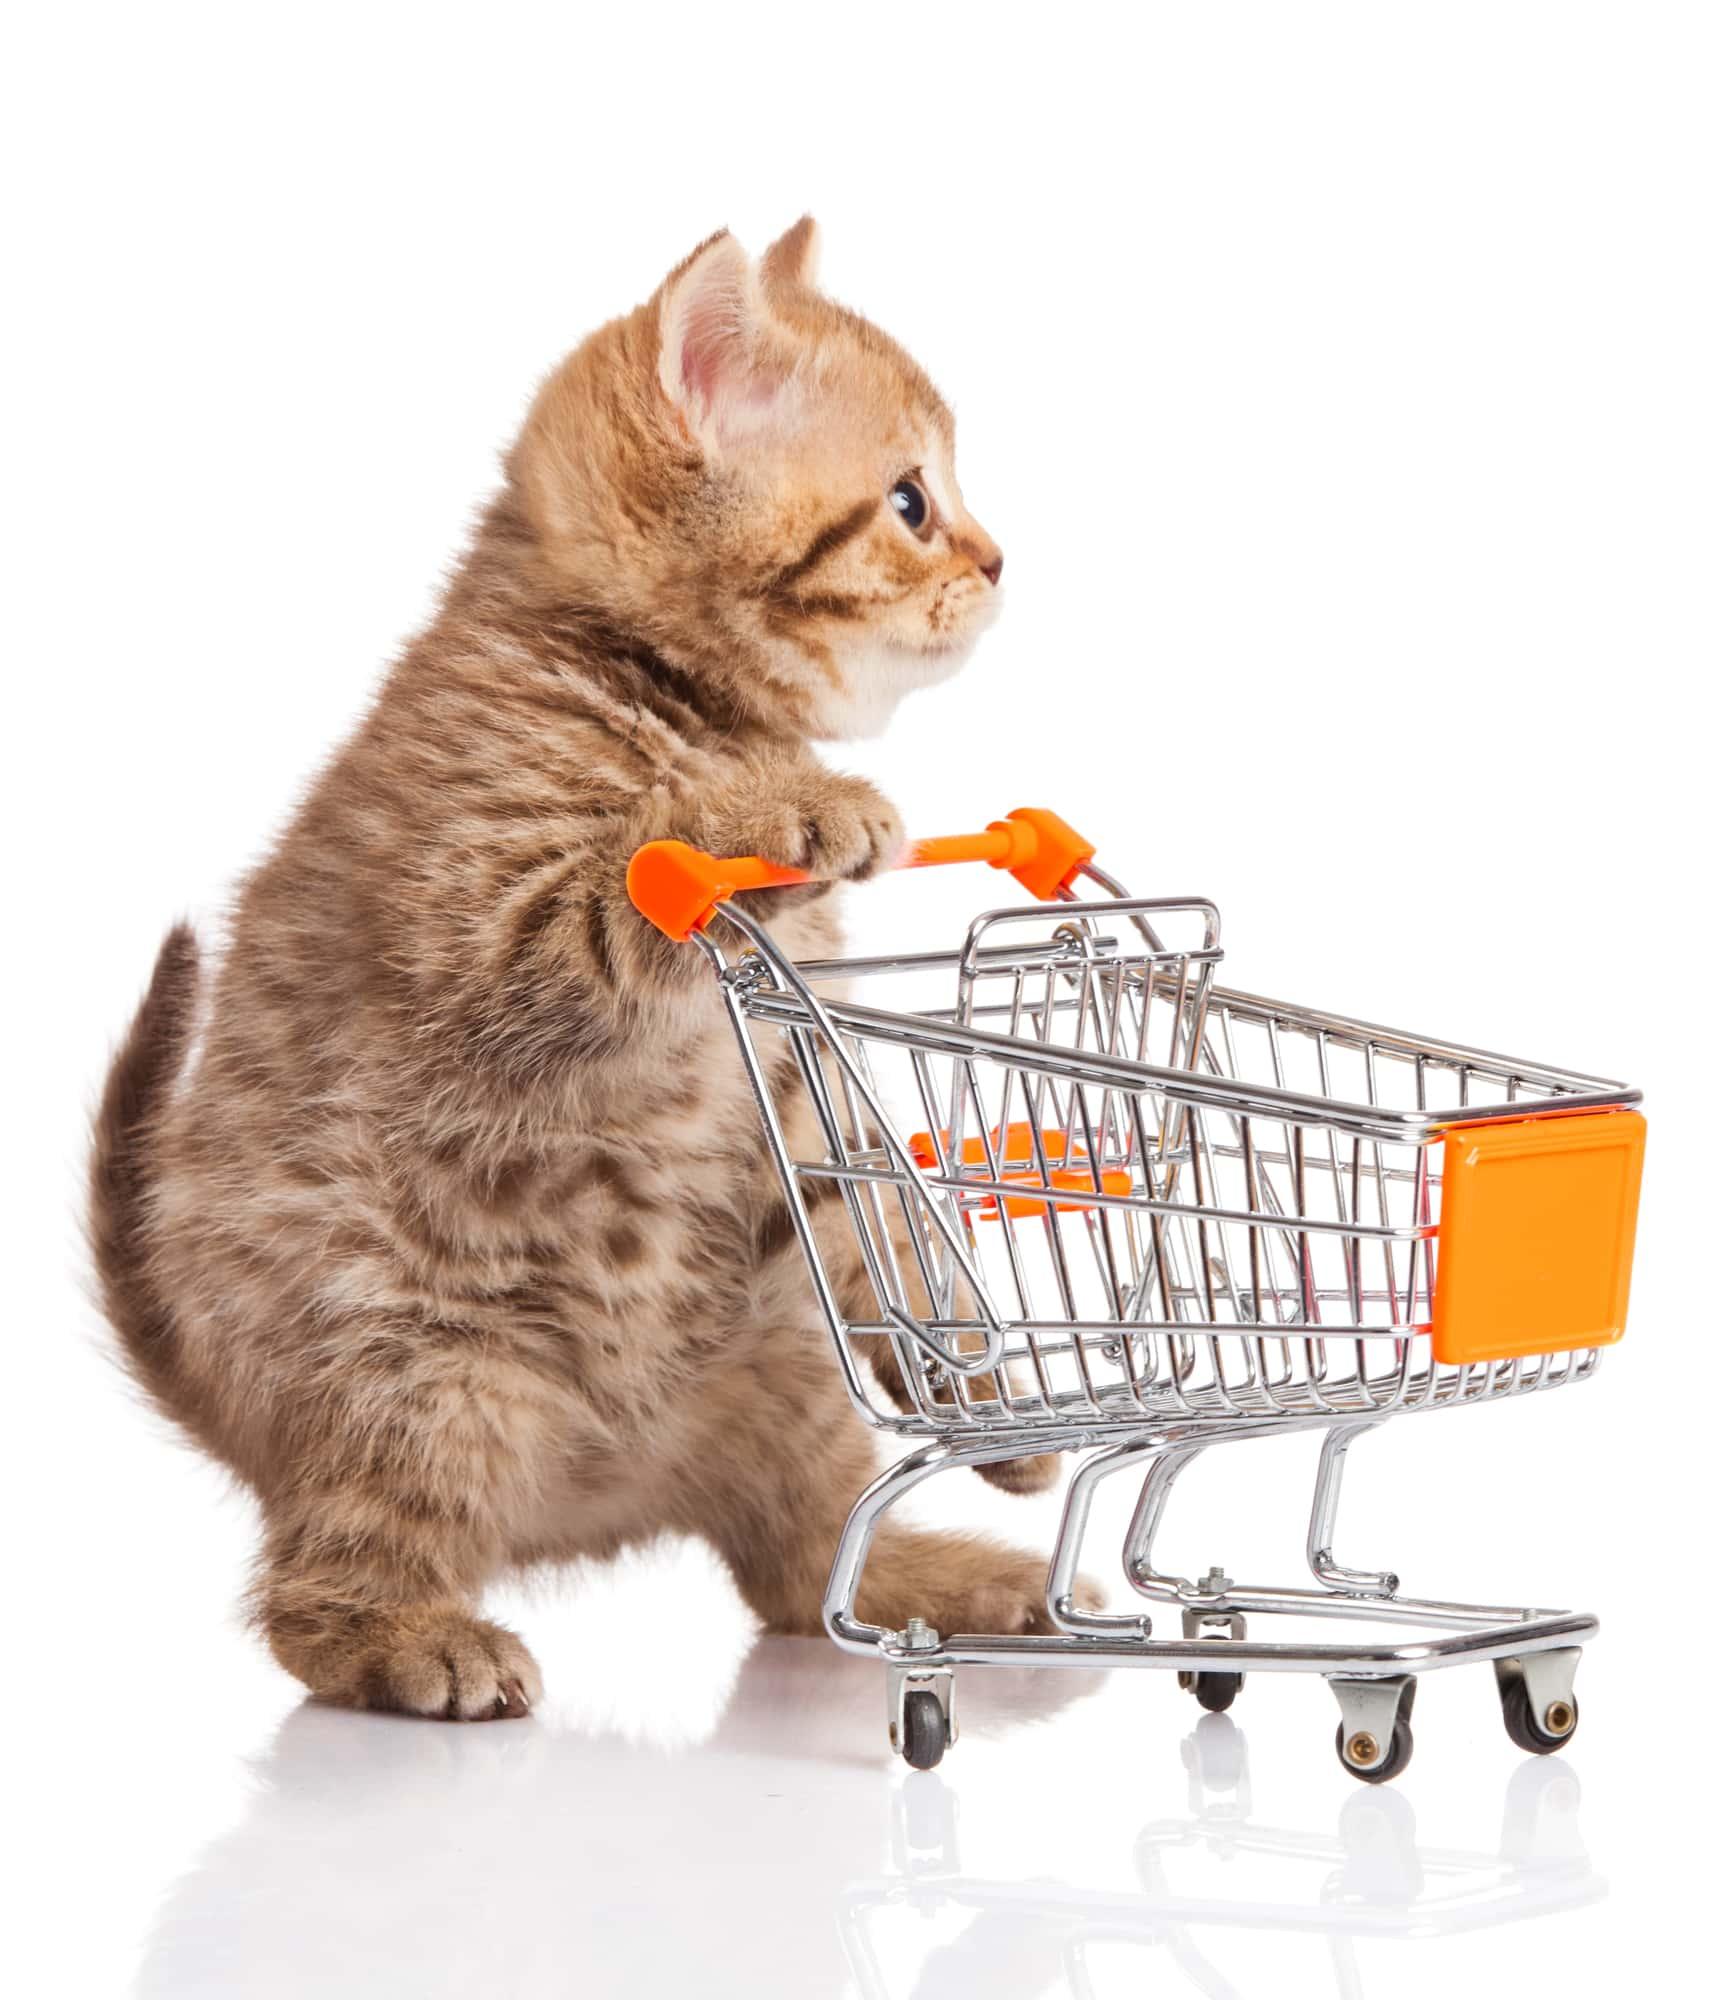 איך בוחרים חנות חיות מומלצת